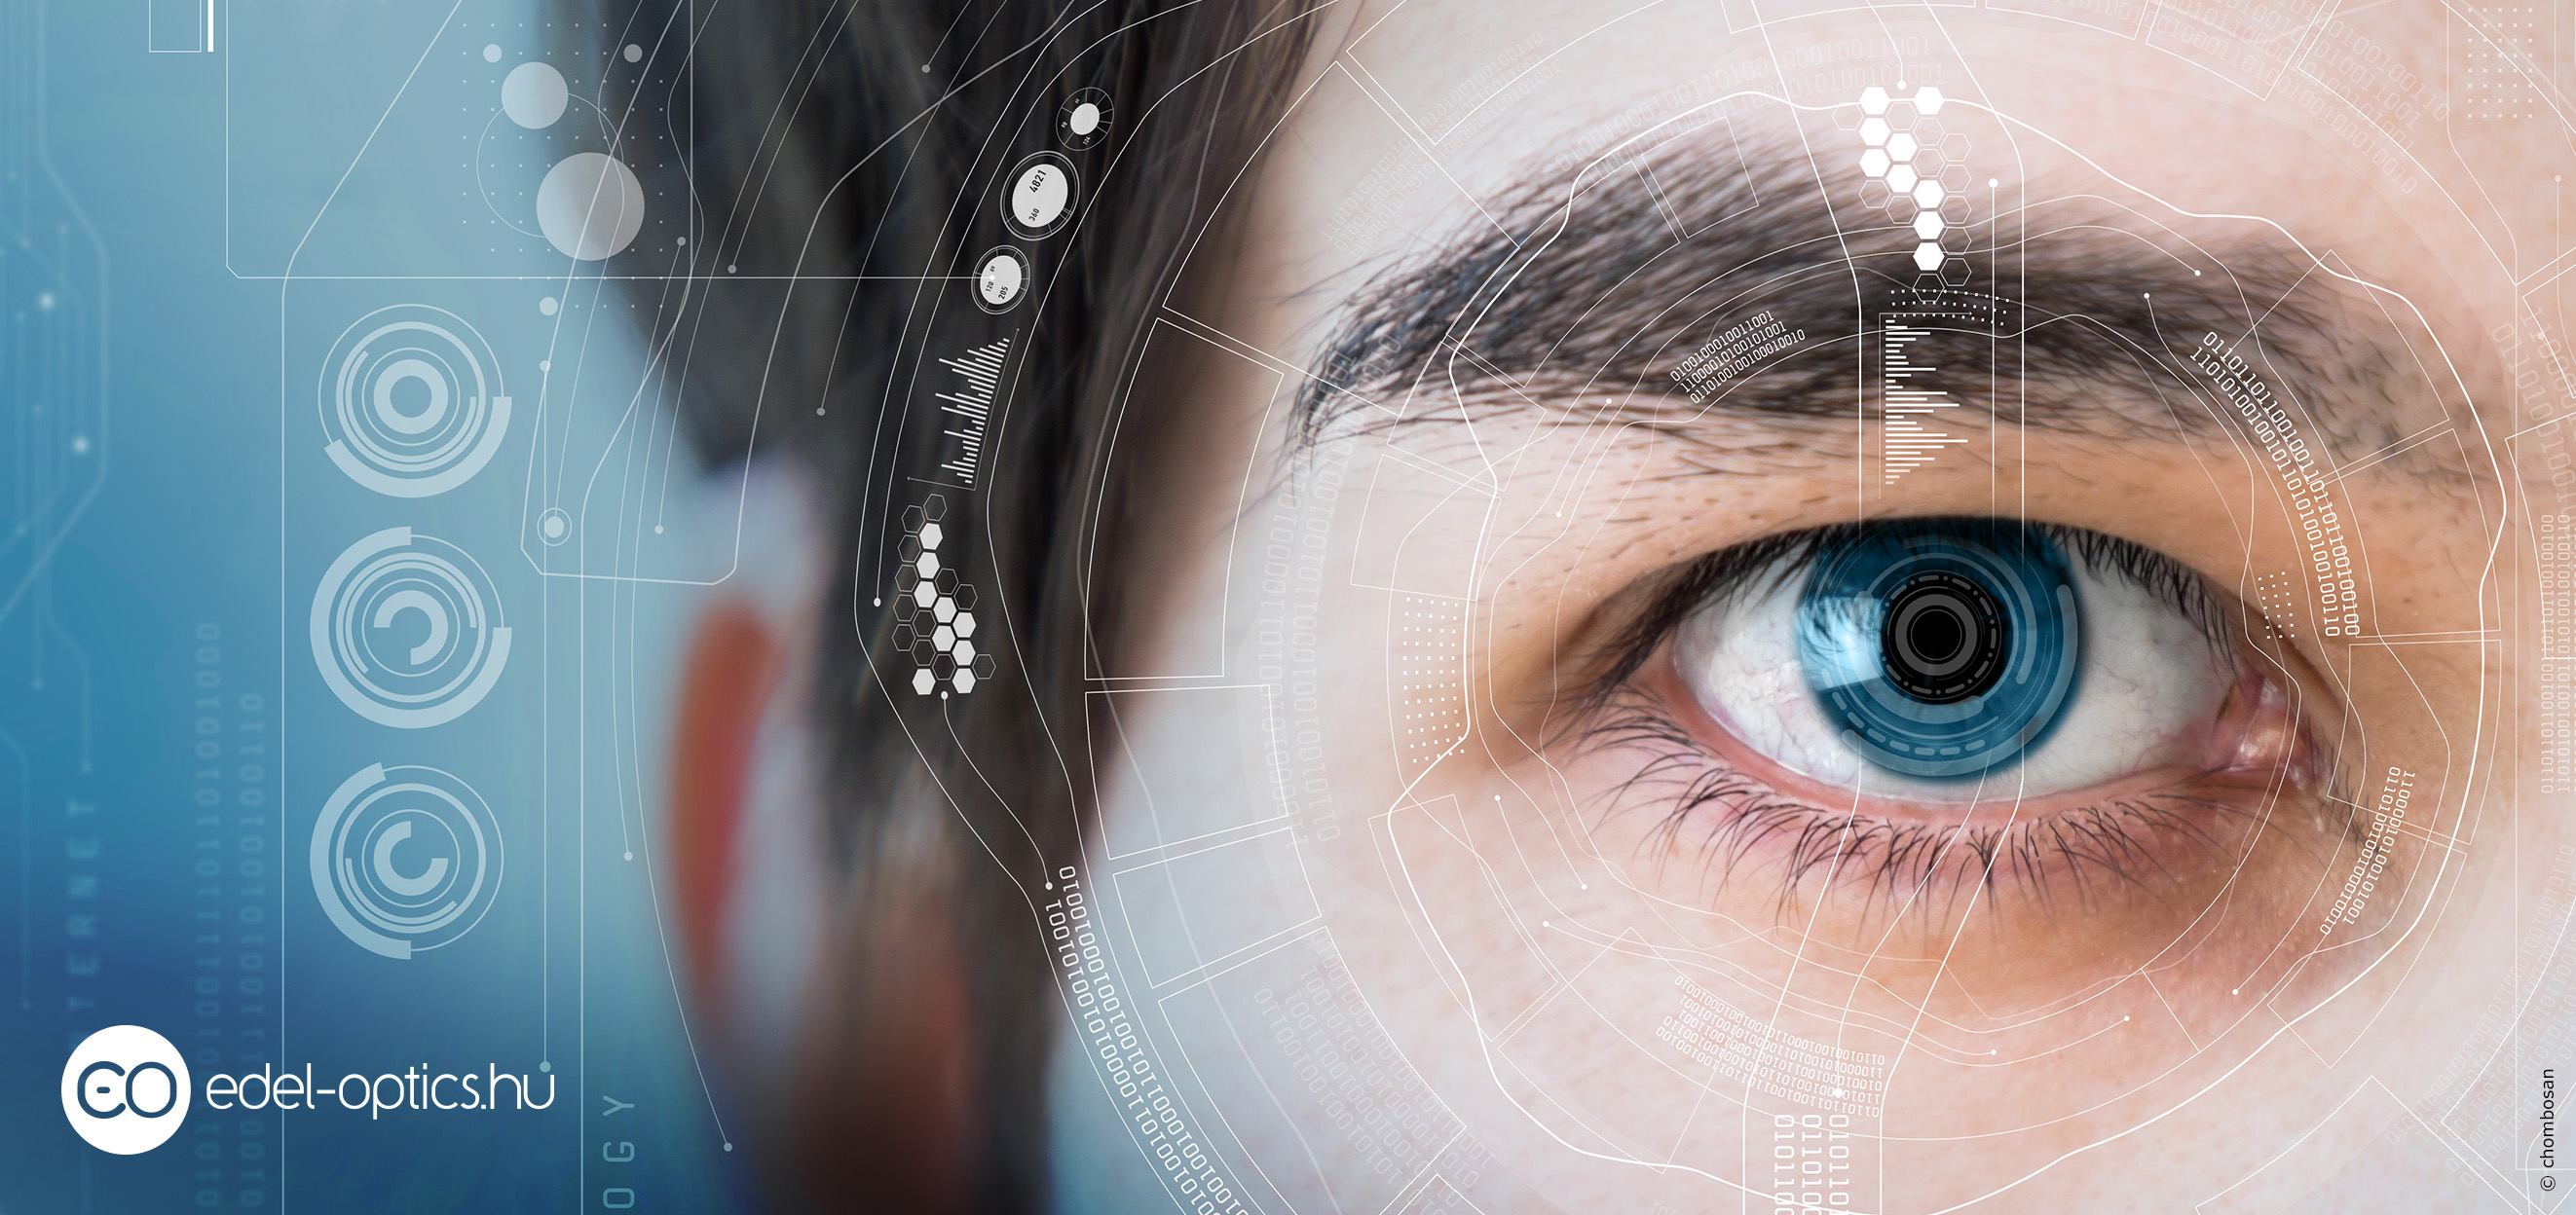 javítja a látást időskorban